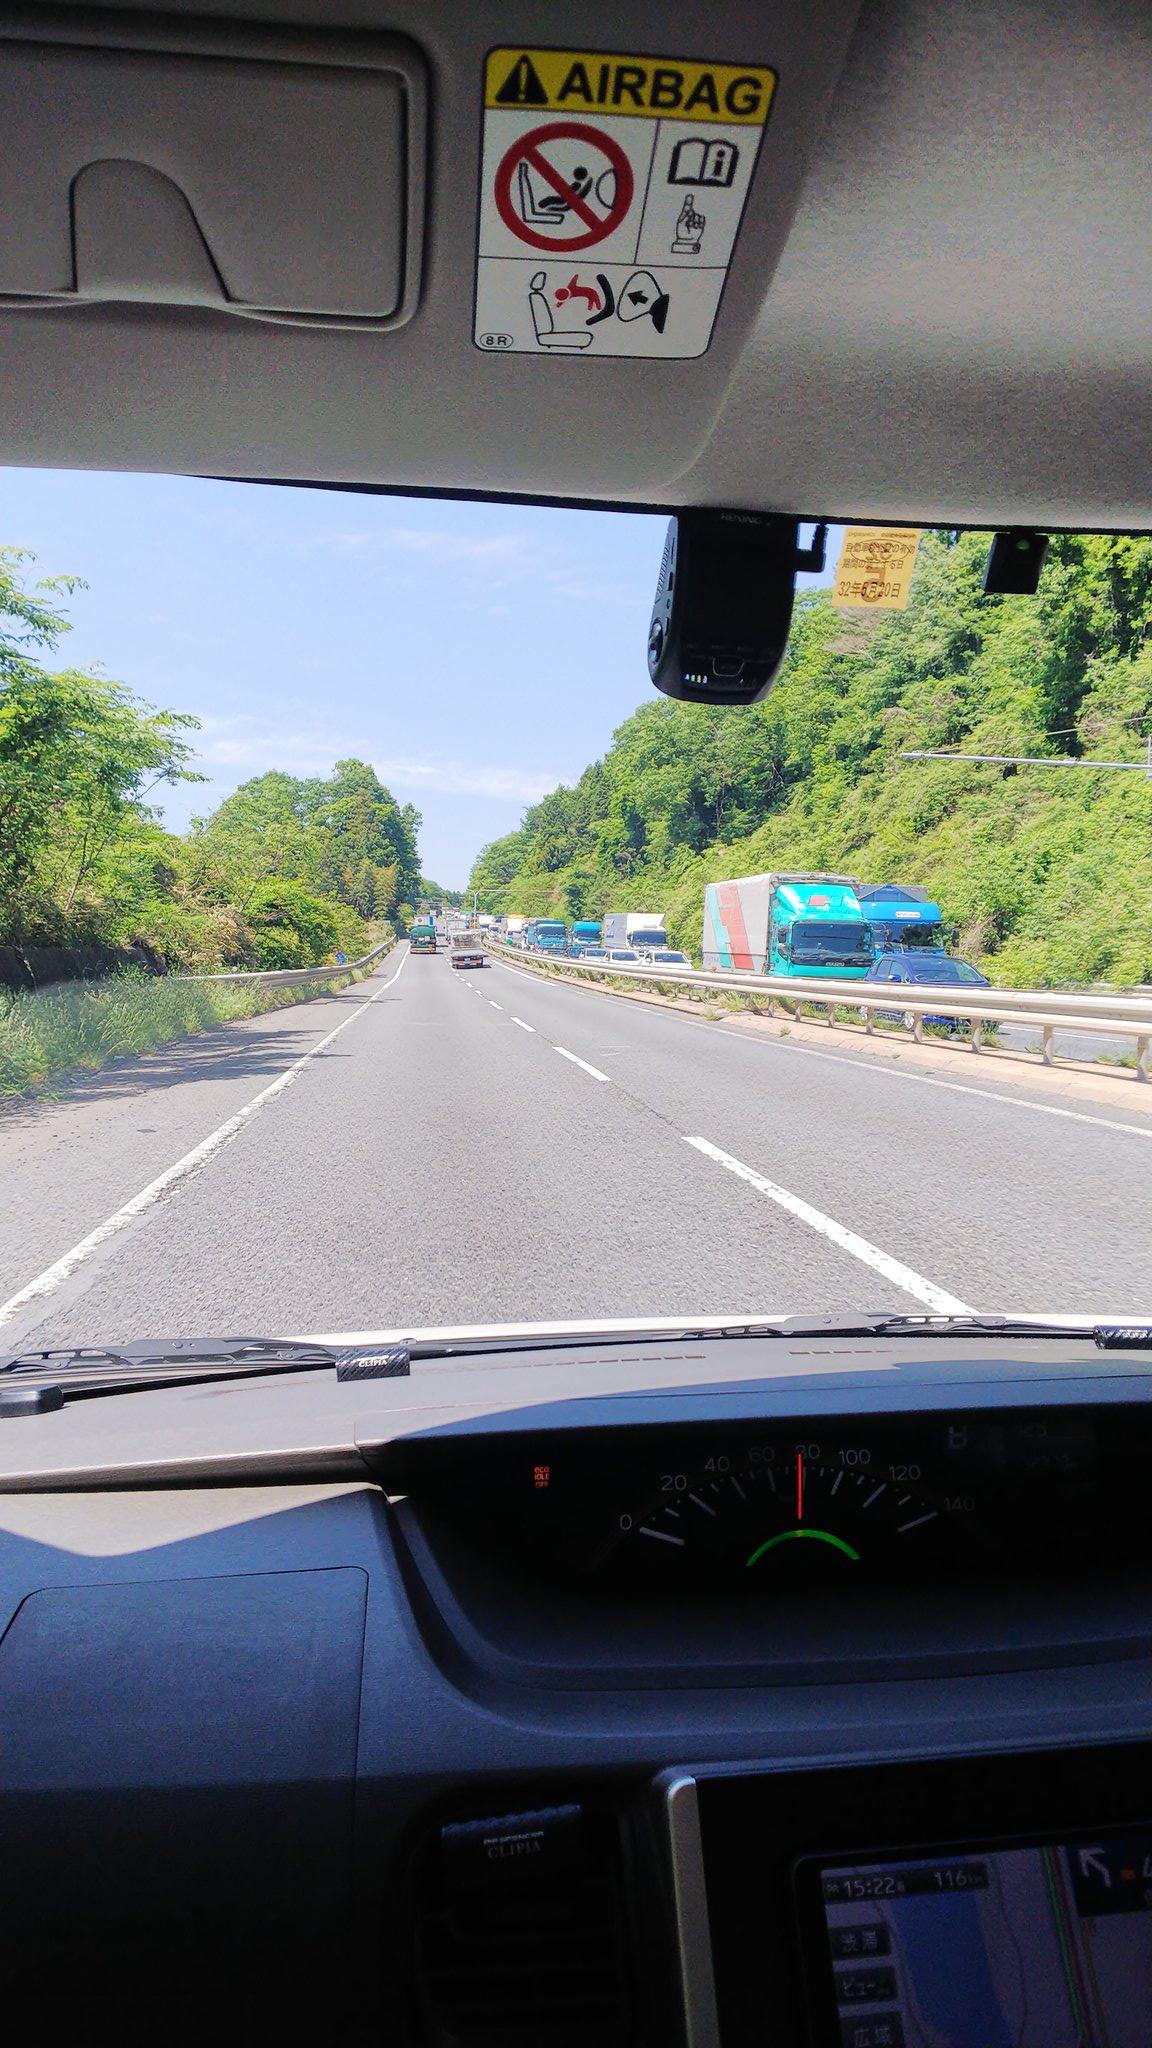 名阪国道西行き神野口IC付近でトレーラーの追突事故現場の画像